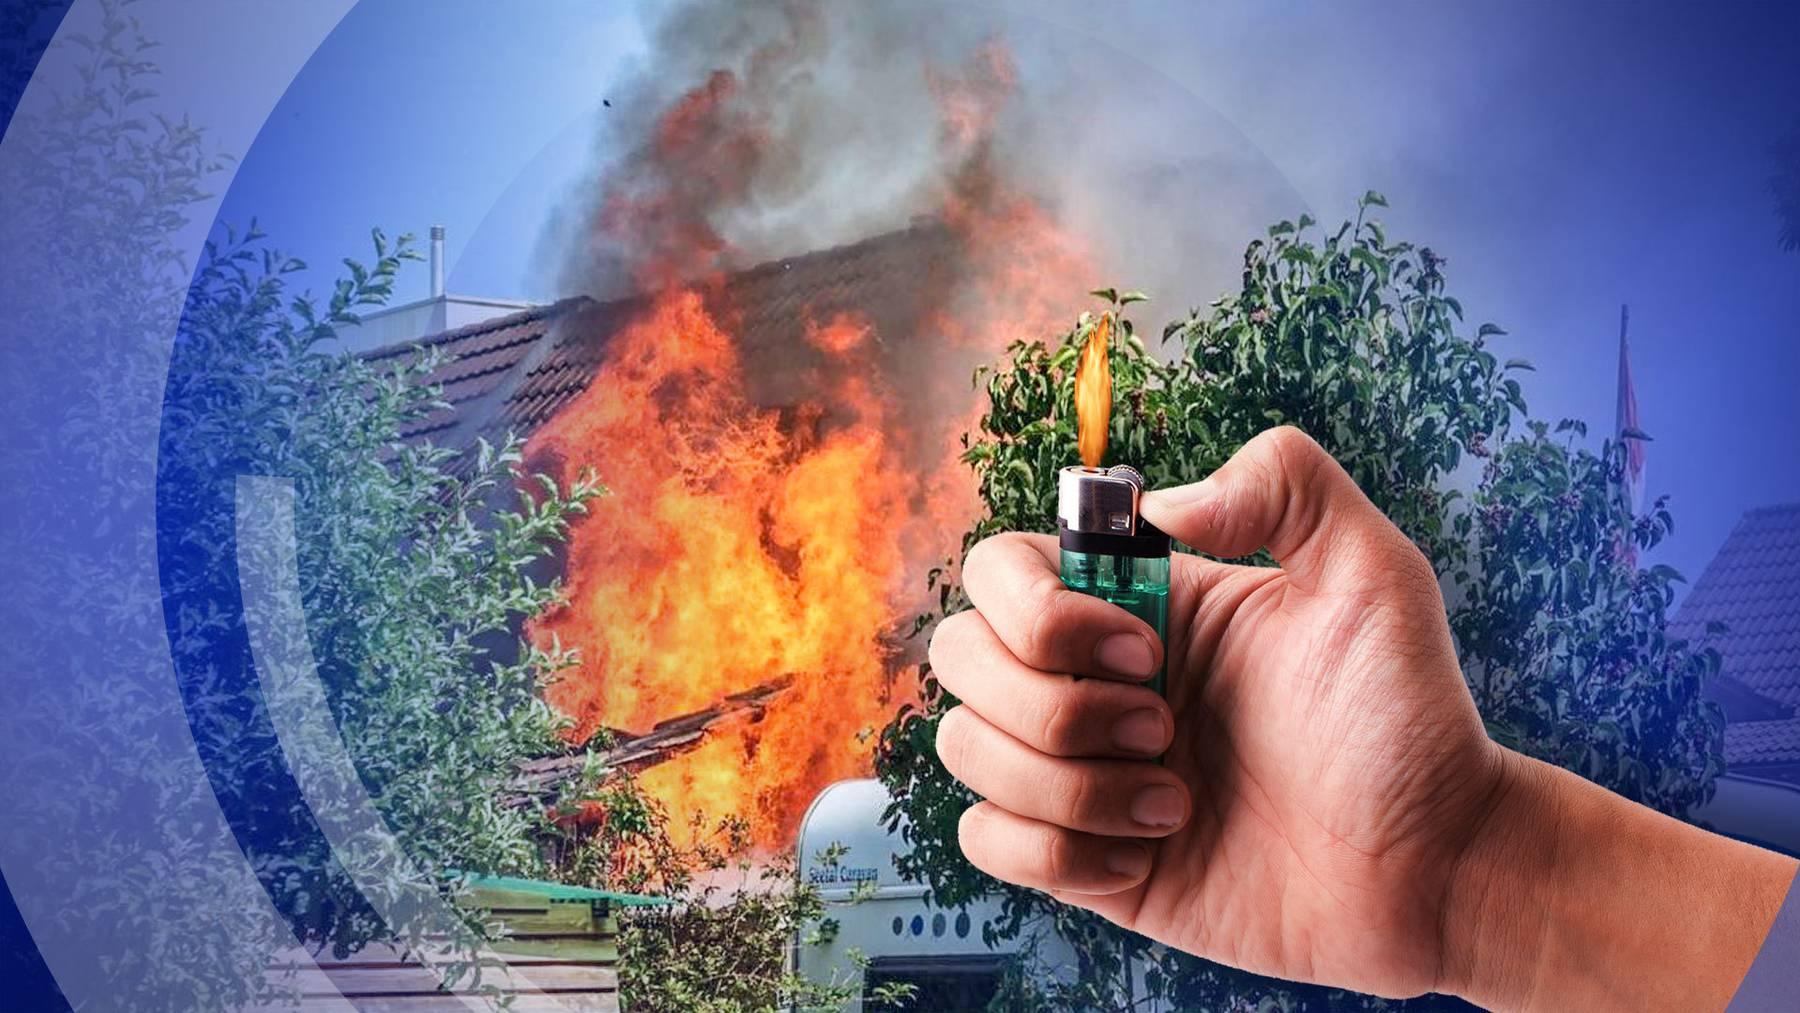 Brandstiftung in Zofingen